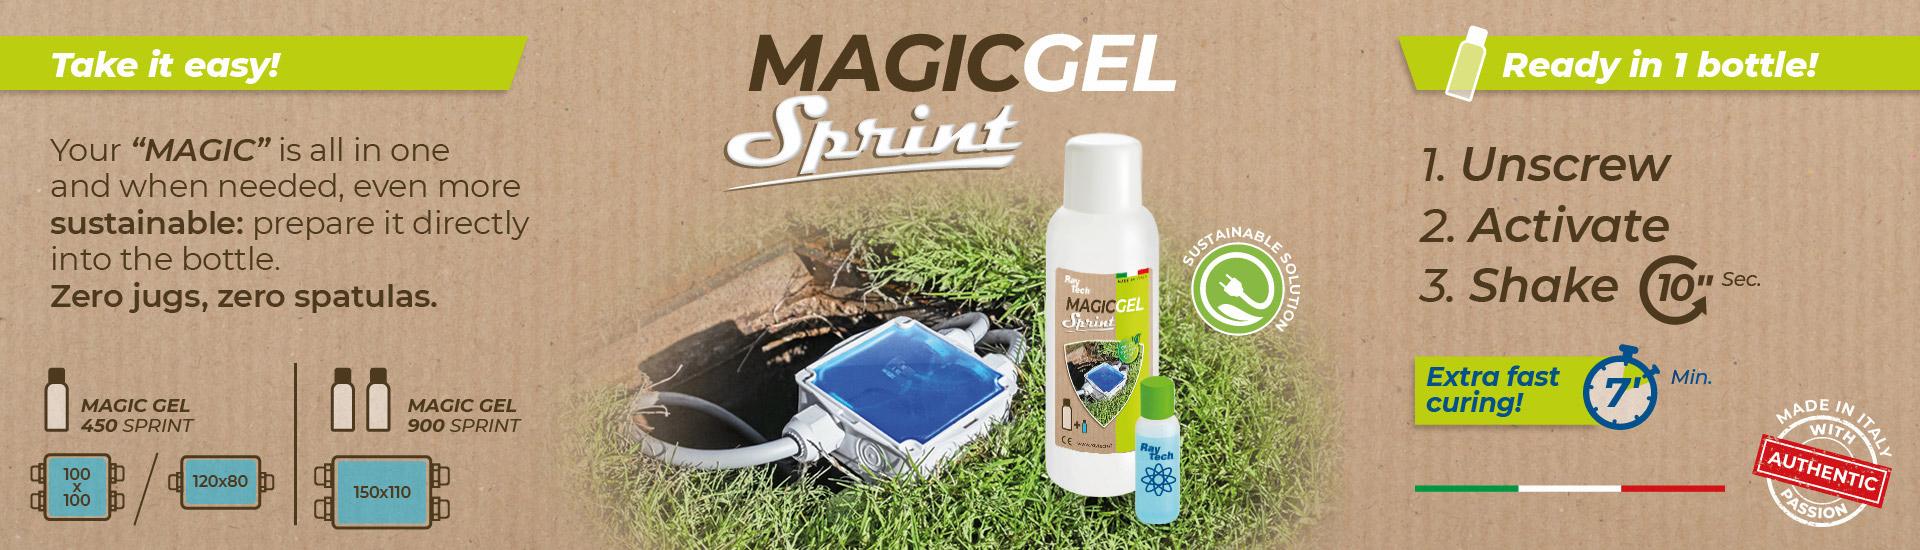 MagicGel Sprint